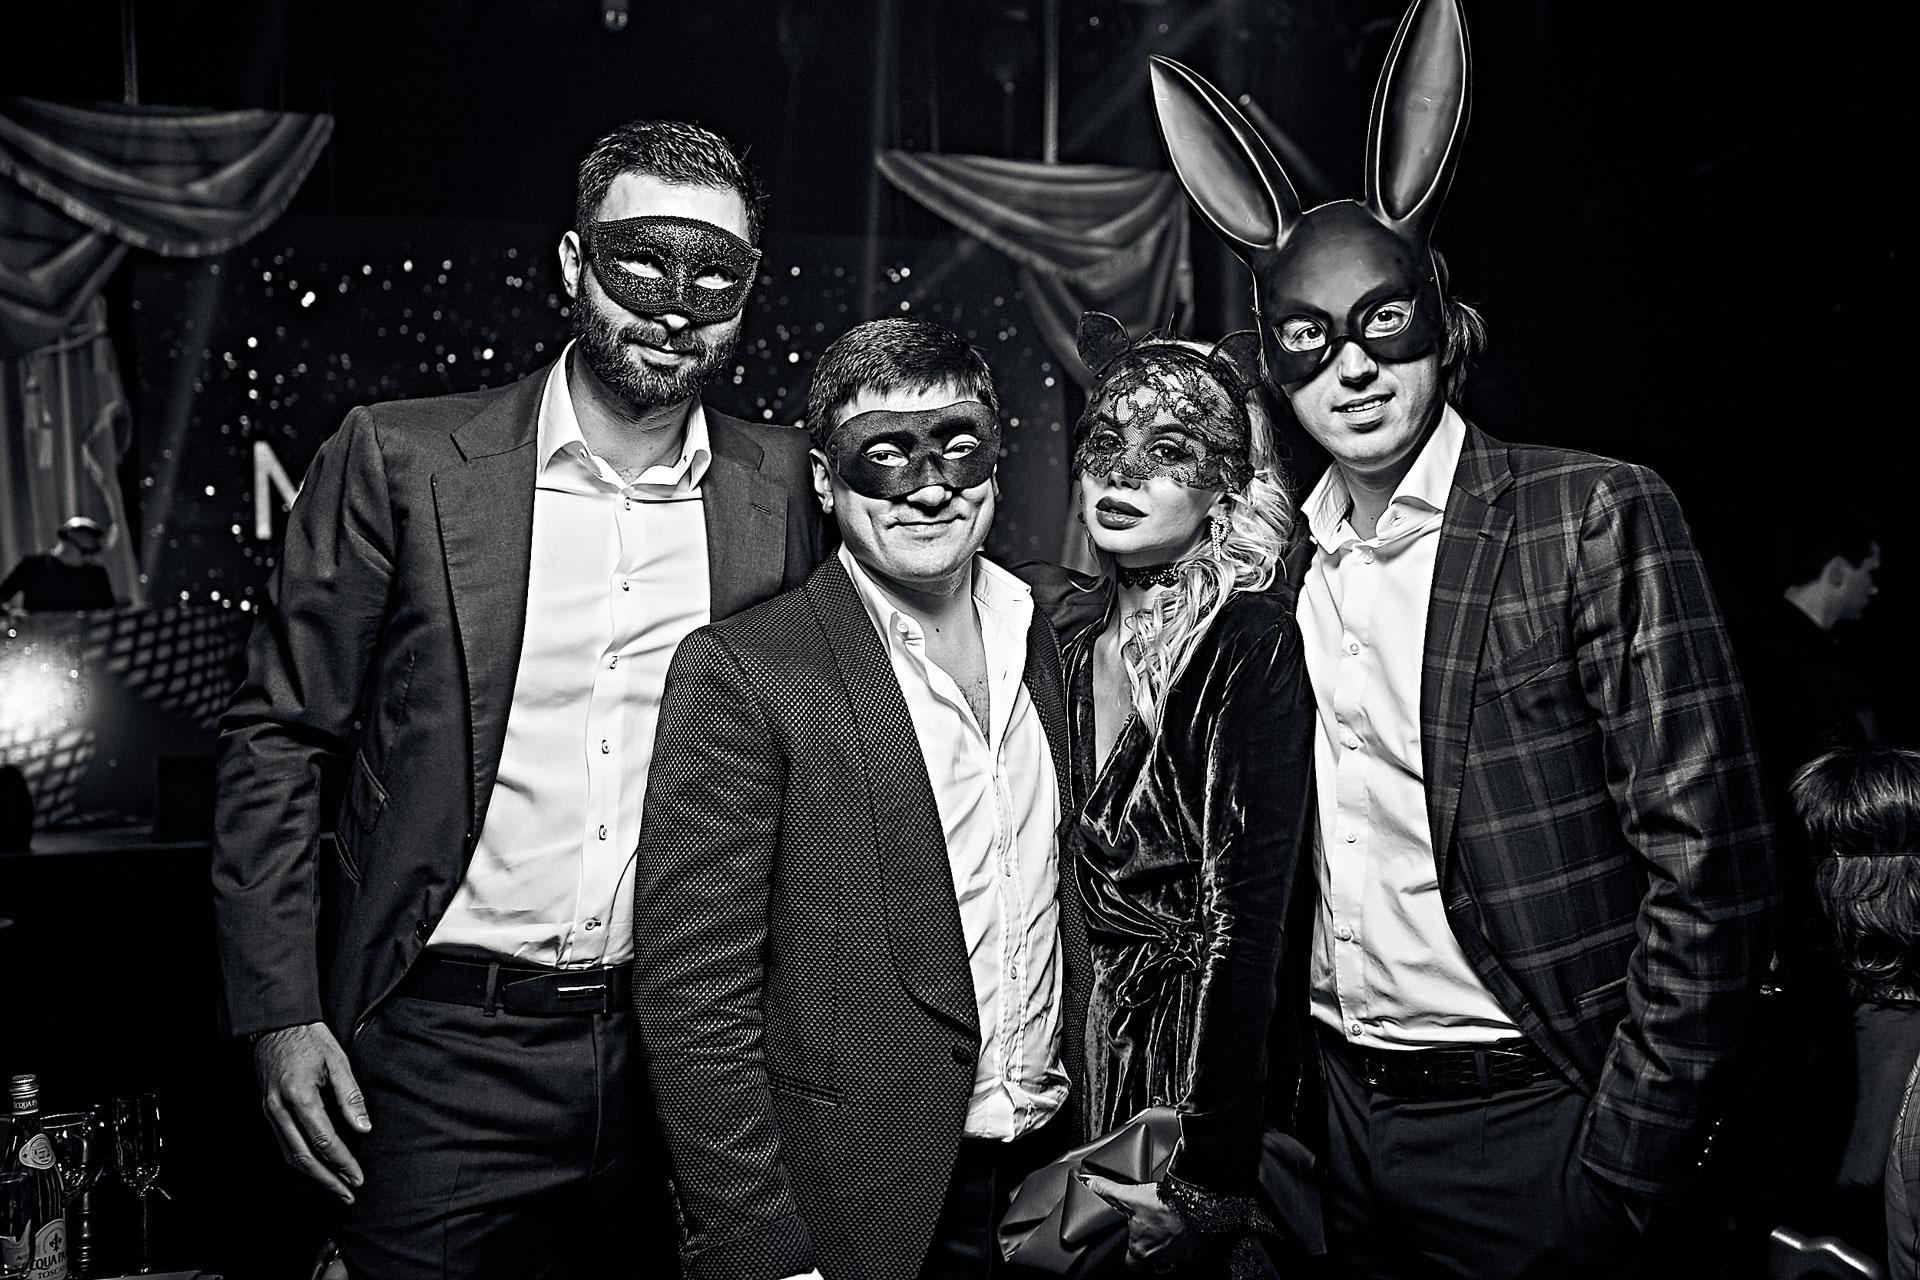 Gay Masquerade